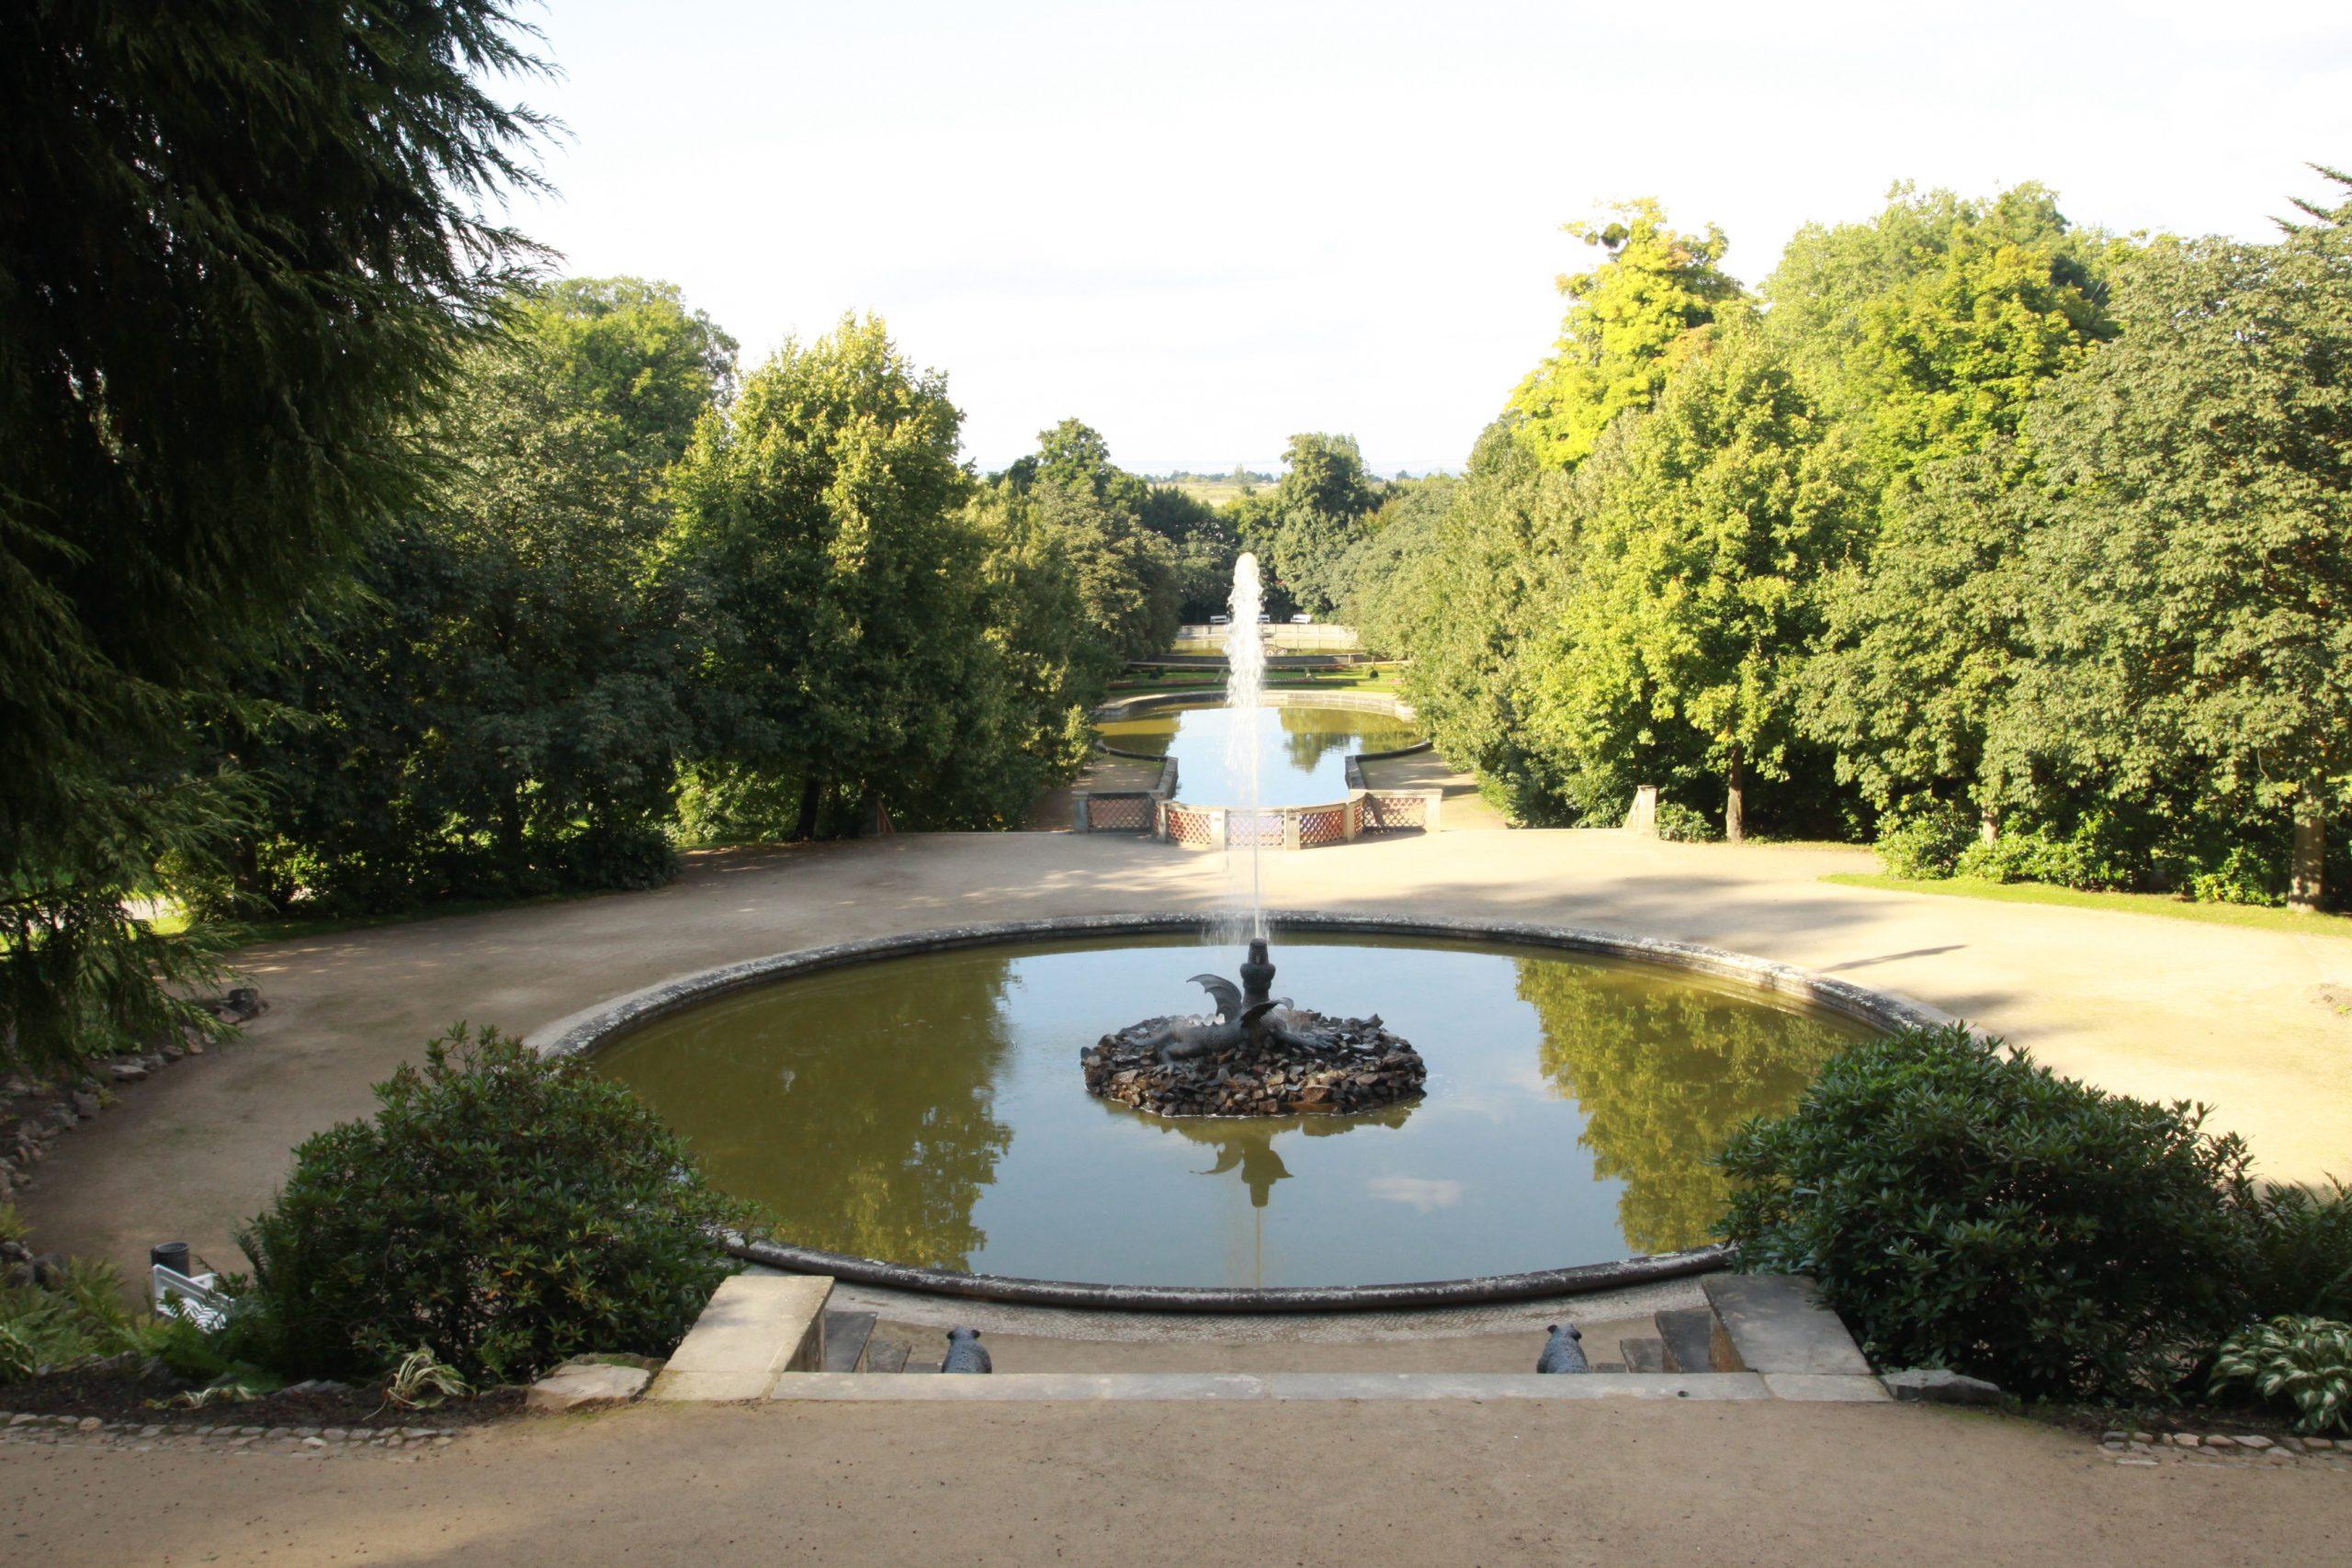 Schlosspark Ballenstedt, Wegebau, Wassergebundene Bauweise